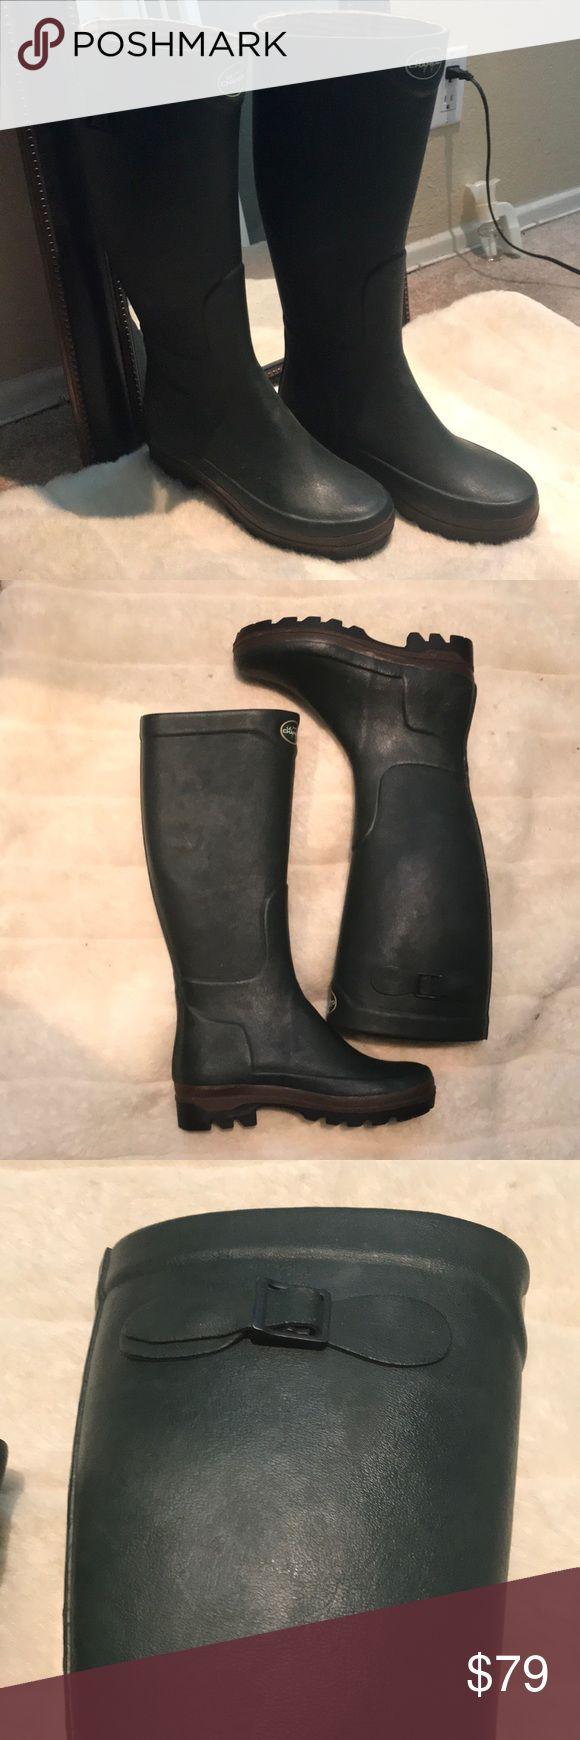 Le Chameau Army Green Rain Boots Le Chameau army green rain boots. The royals are know to wear this brand! Never worn. Le Chameau Shoes Winter & Rain Boots